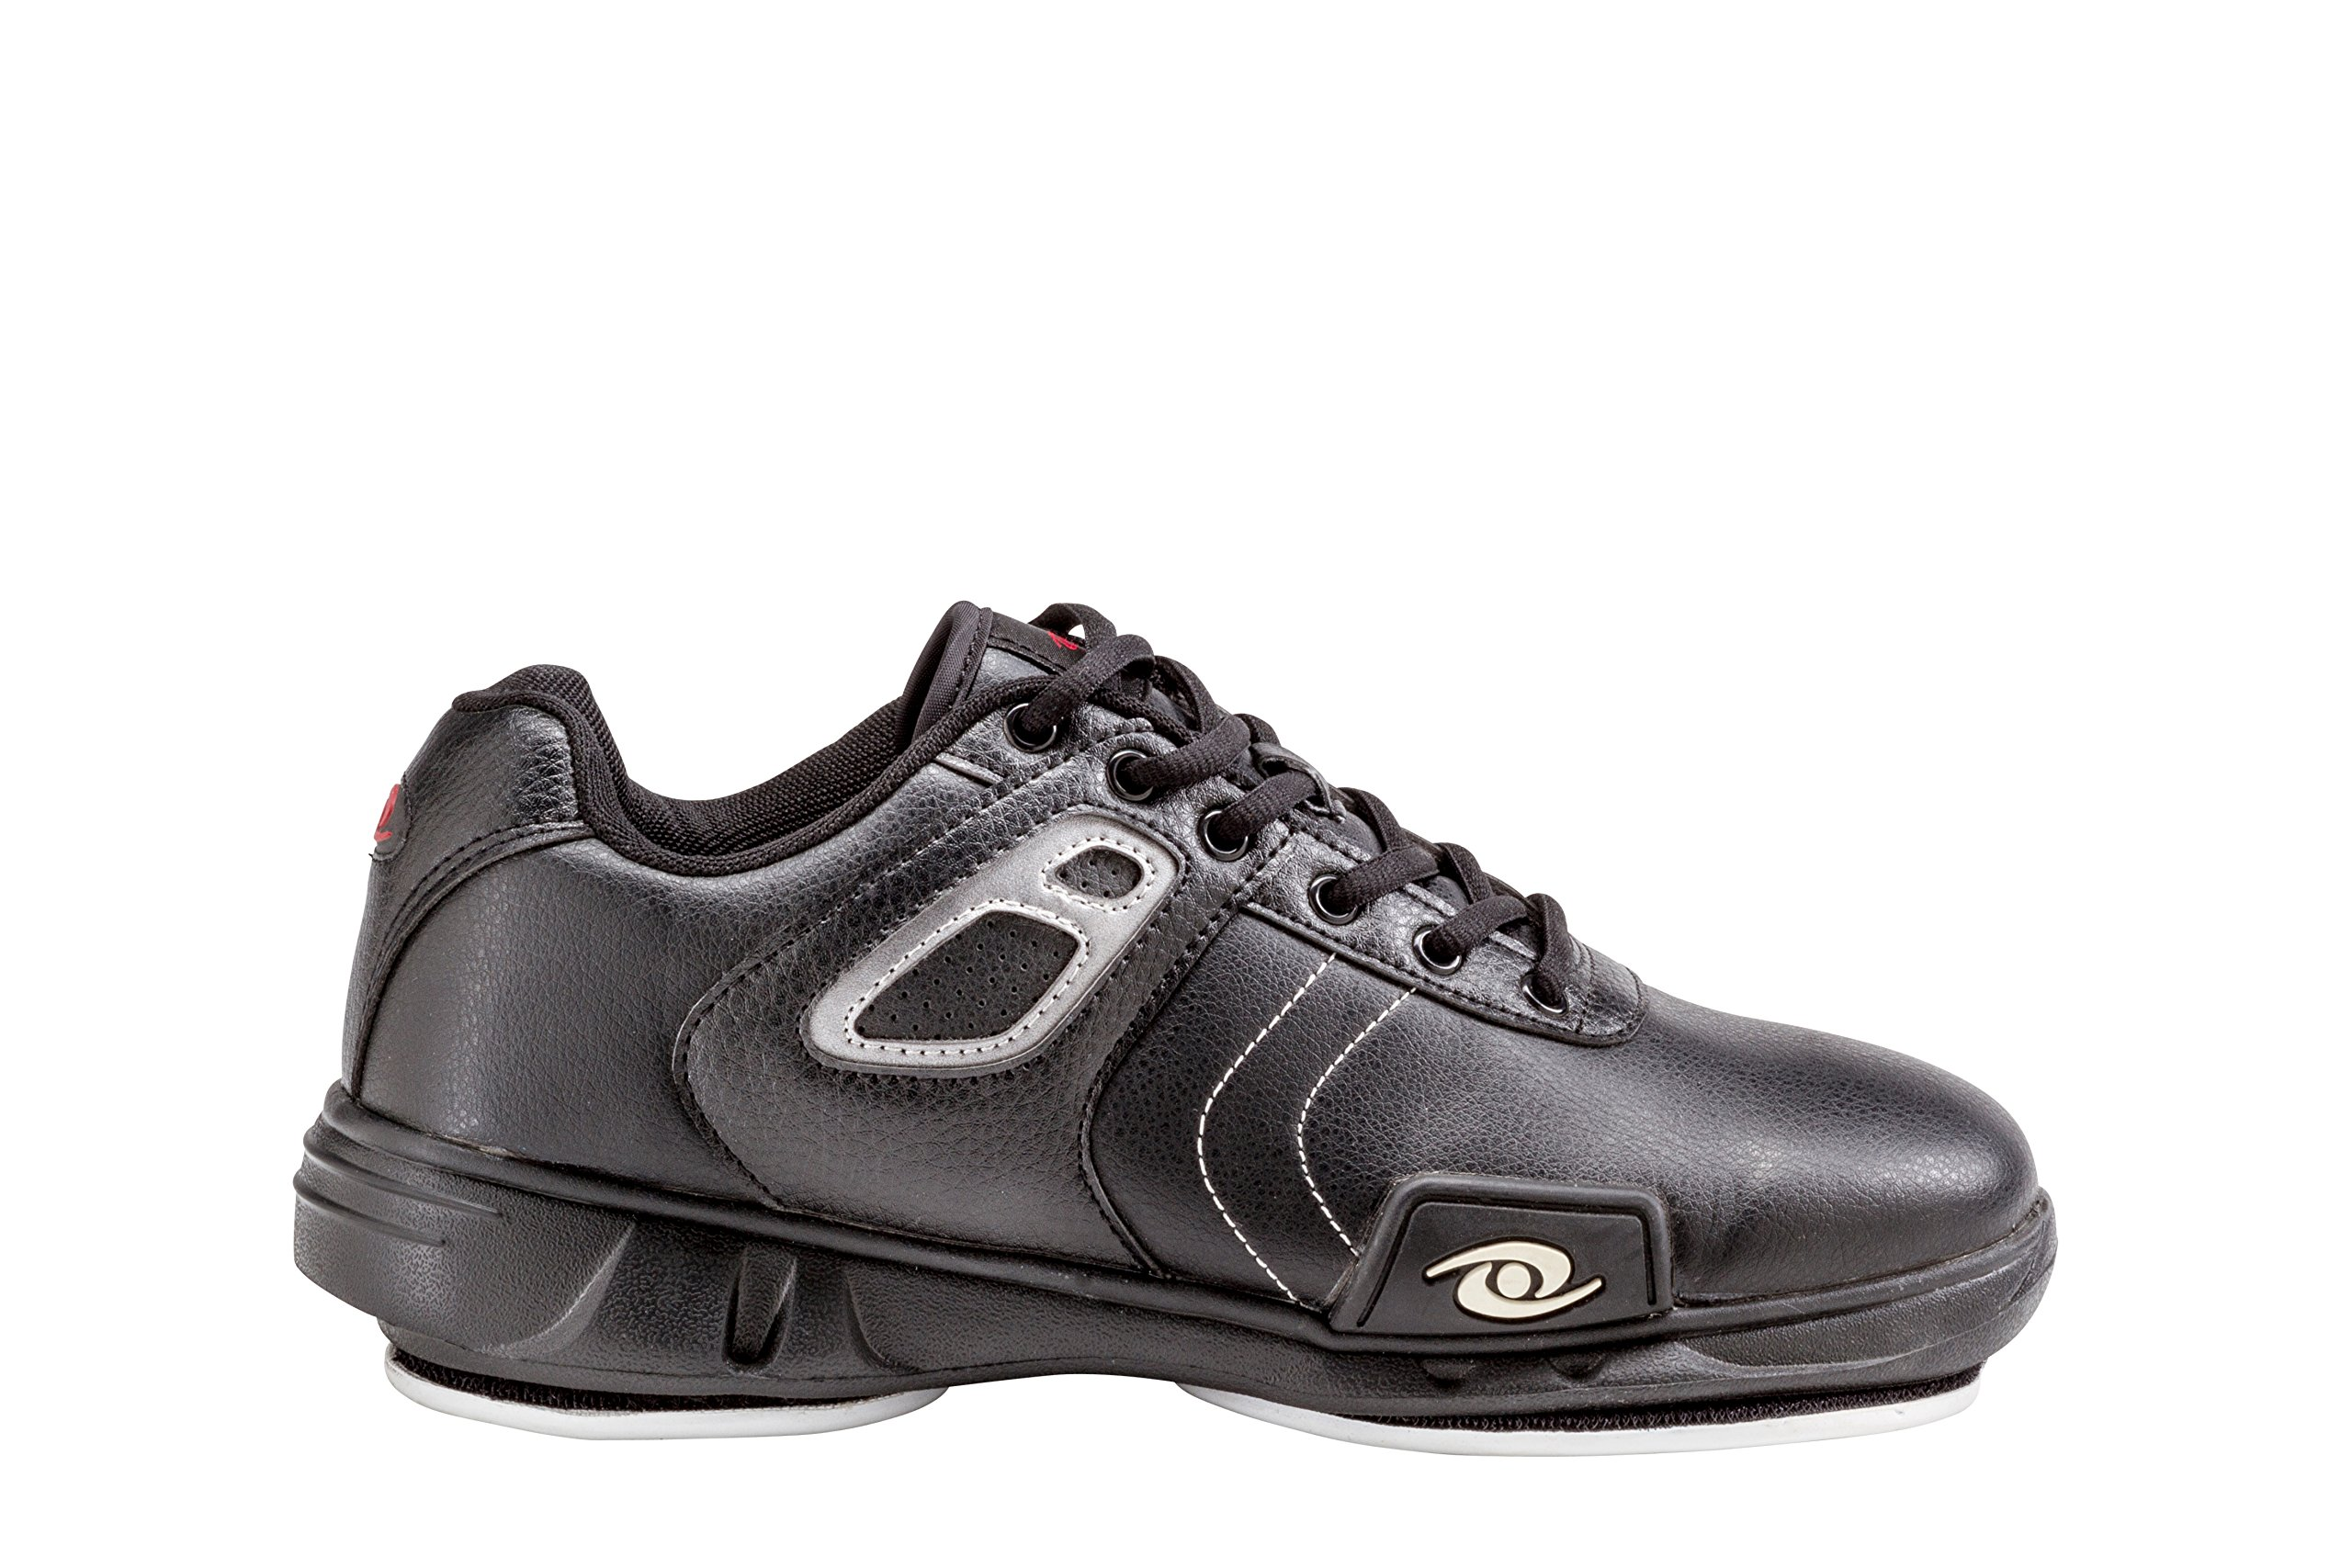 ACACIA 93-050 Hacker Curling Shoe, 5, Black/Silver